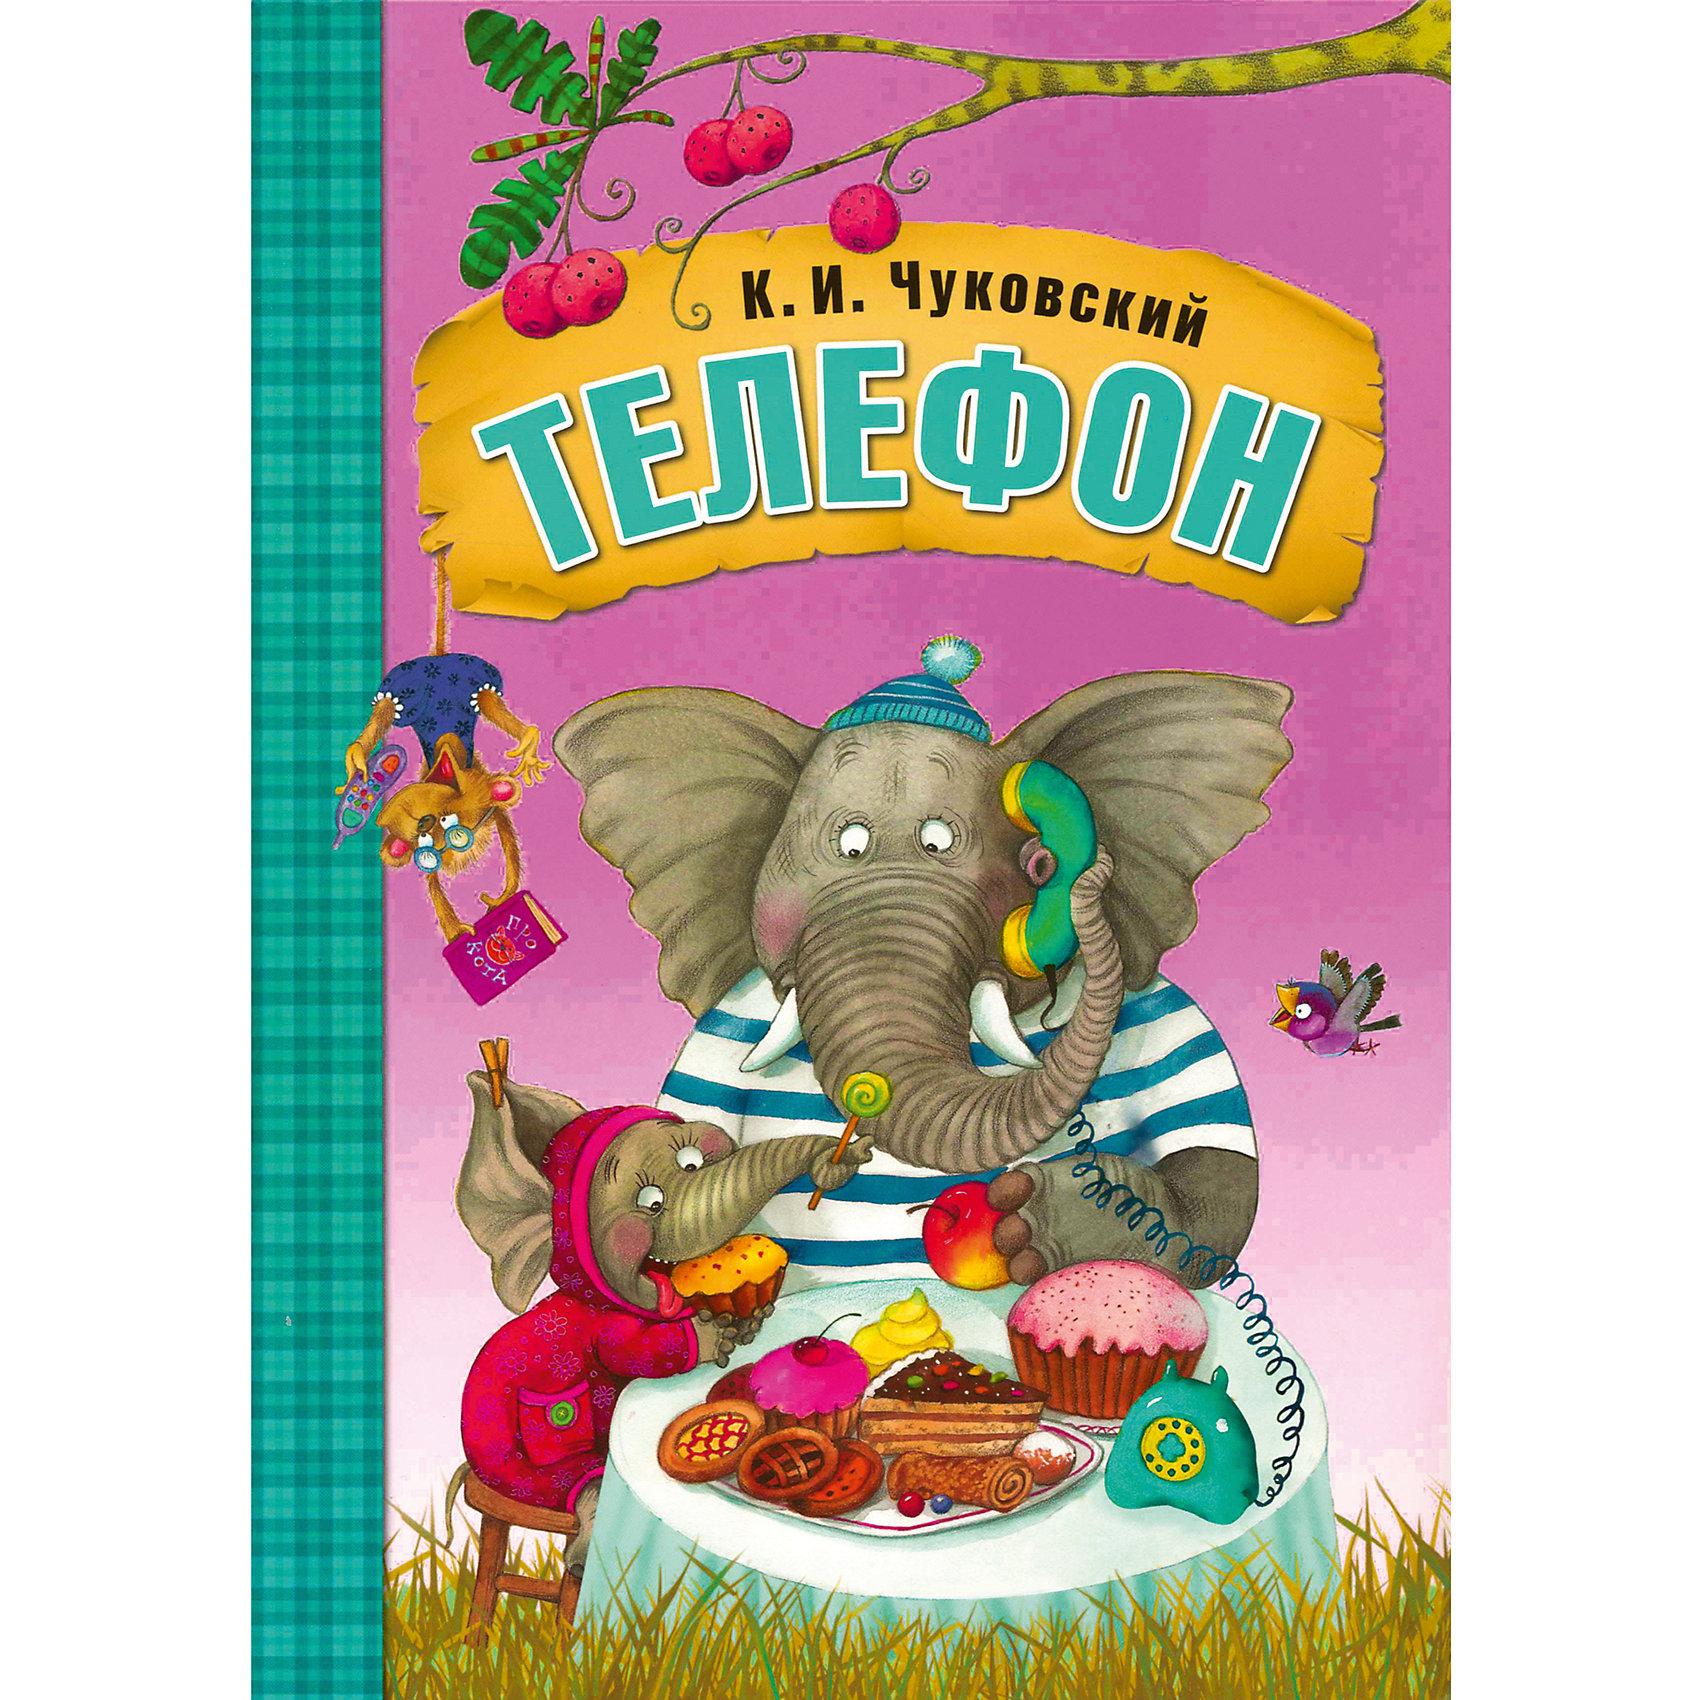 Сказки К.И. Чуковского Телефон , в мягкой обложкеЭта замечательная книга с красочными иллюстрациями Л. Ереминой обязательно станет любимой!<br>Сказка Корнея Ивановича Чуковского «Телефон» знакома и любима всеми с детства.<br>Книгу в мягкой обложке легко взять с собой в гости, в поездку, на дачу или в детский сад - любимая сказка будет сопровождать вашего малыша где угодно.<br><br>Ширина мм: 200<br>Глубина мм: 205<br>Высота мм: 290<br>Вес г: 101<br>Возраст от месяцев: 0<br>Возраст до месяцев: 84<br>Пол: Унисекс<br>Возраст: Детский<br>SKU: 5523234